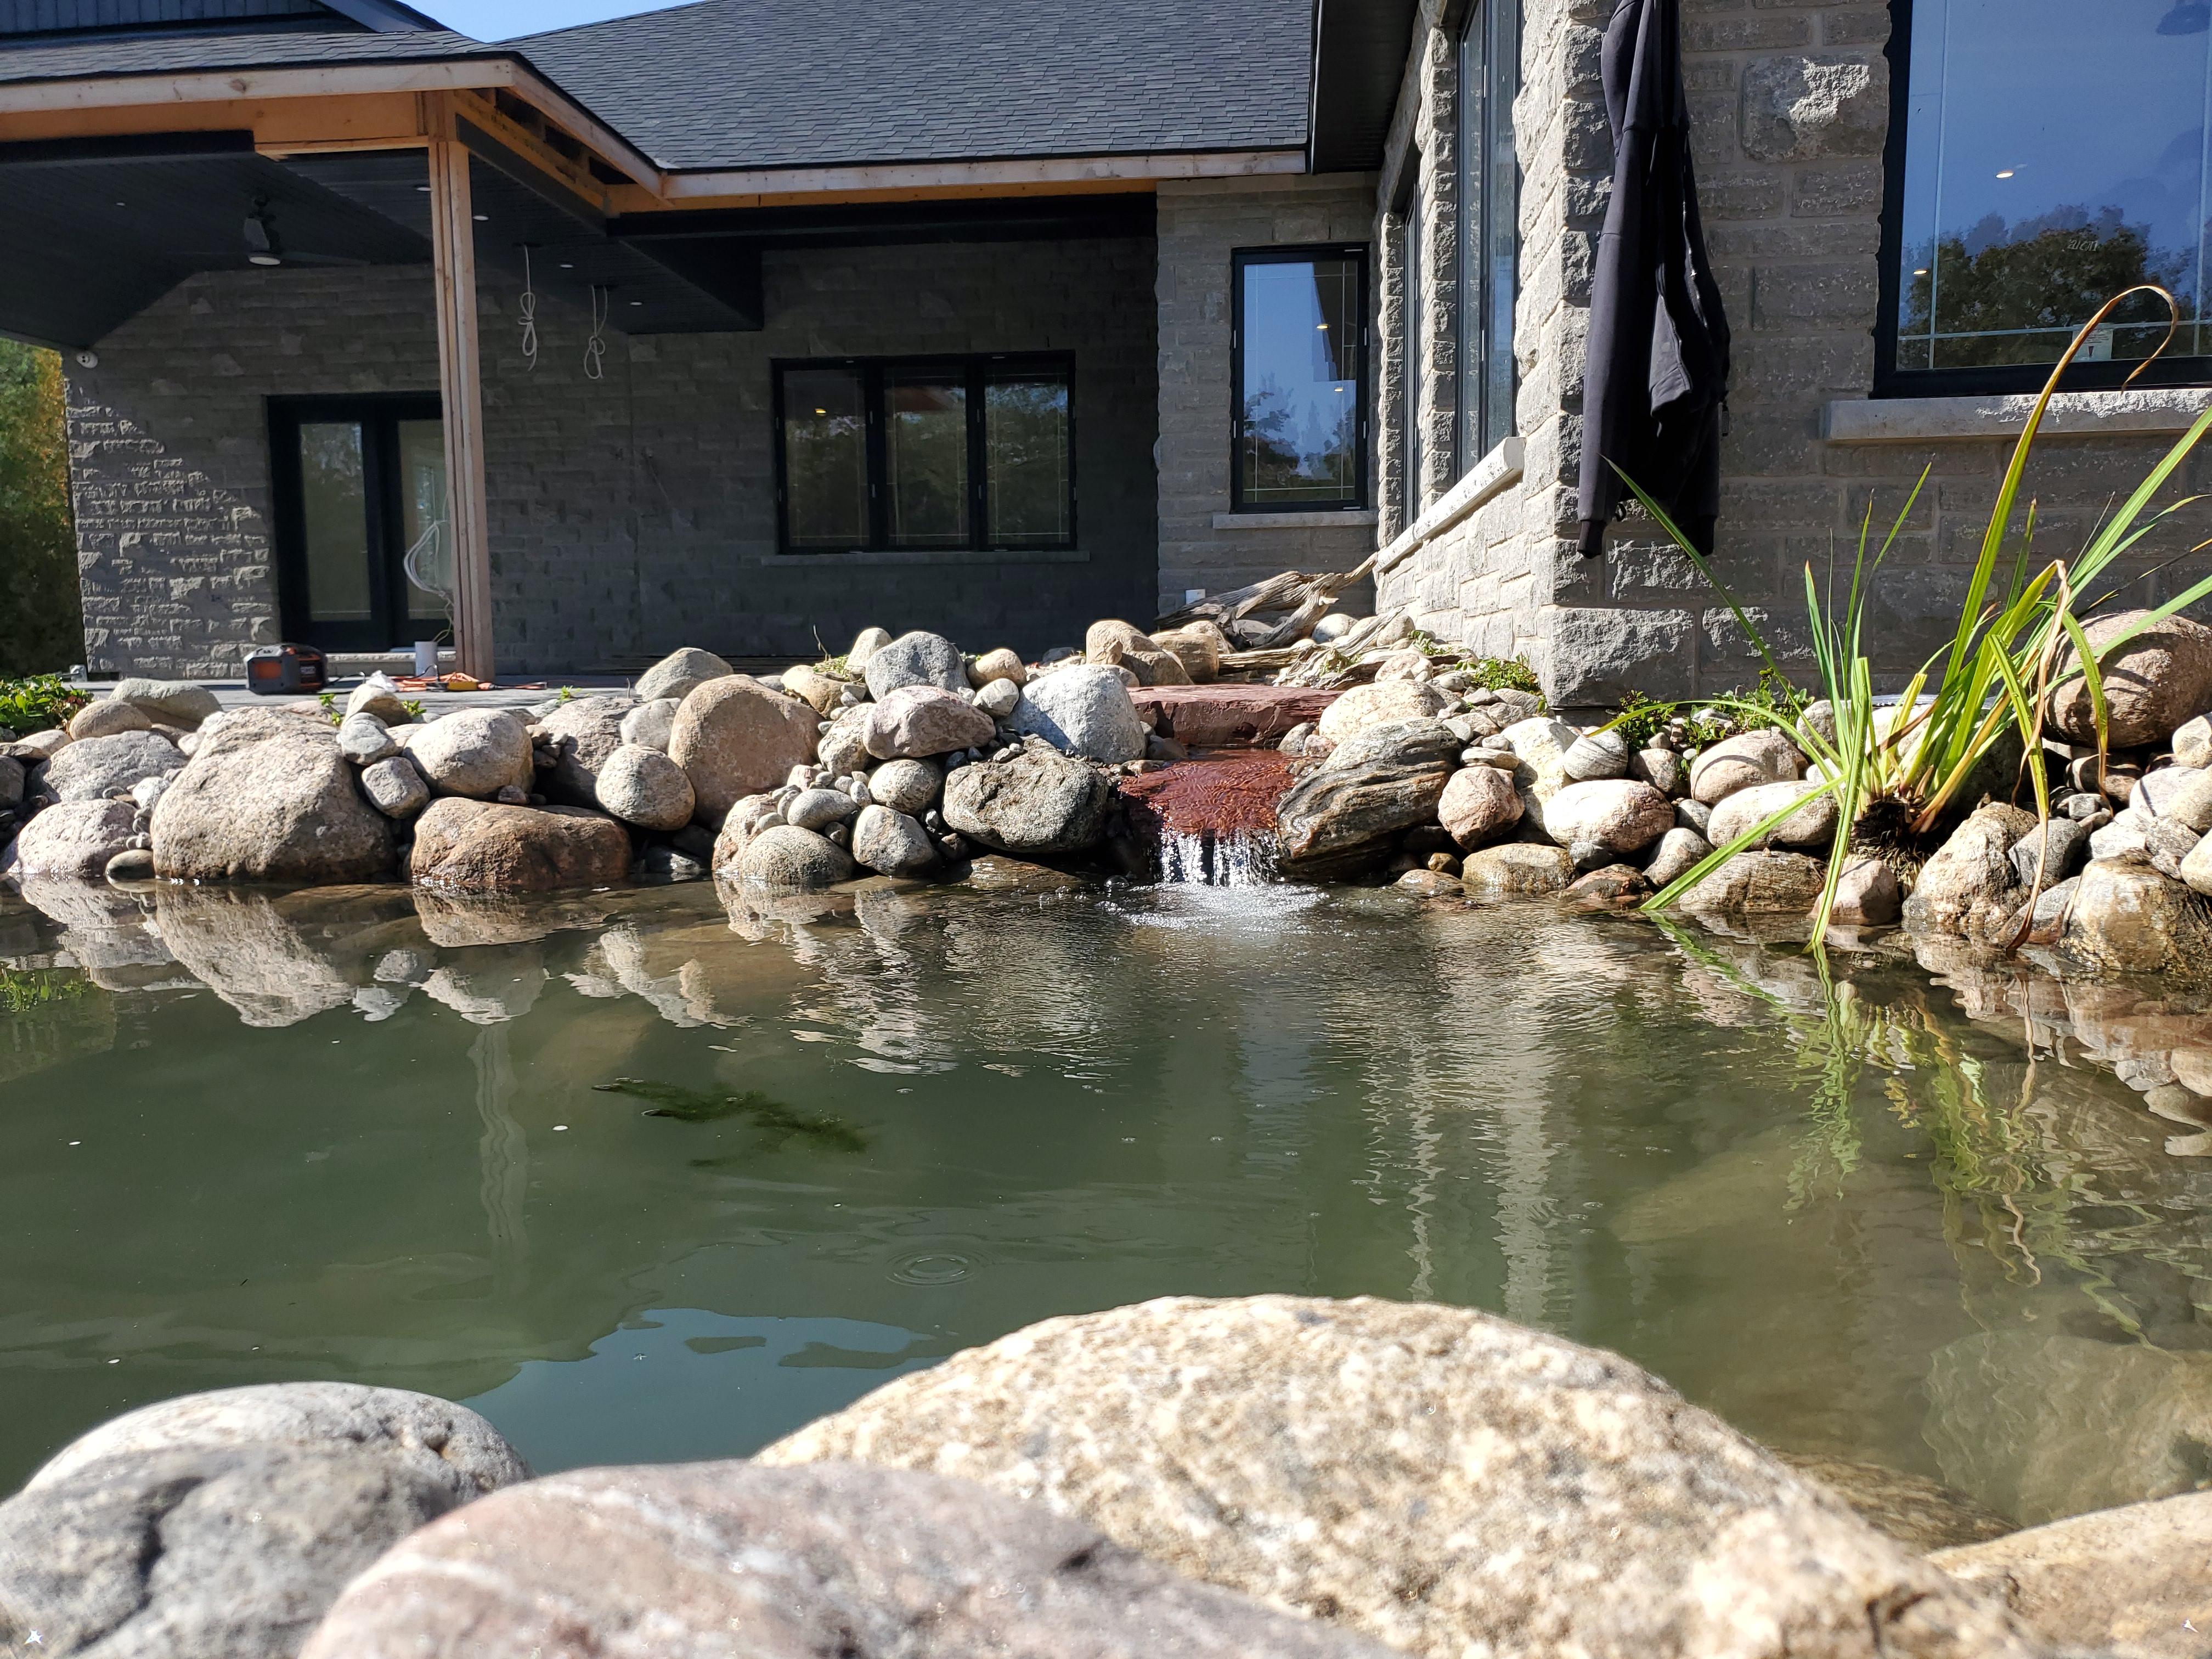 Ken's Pond